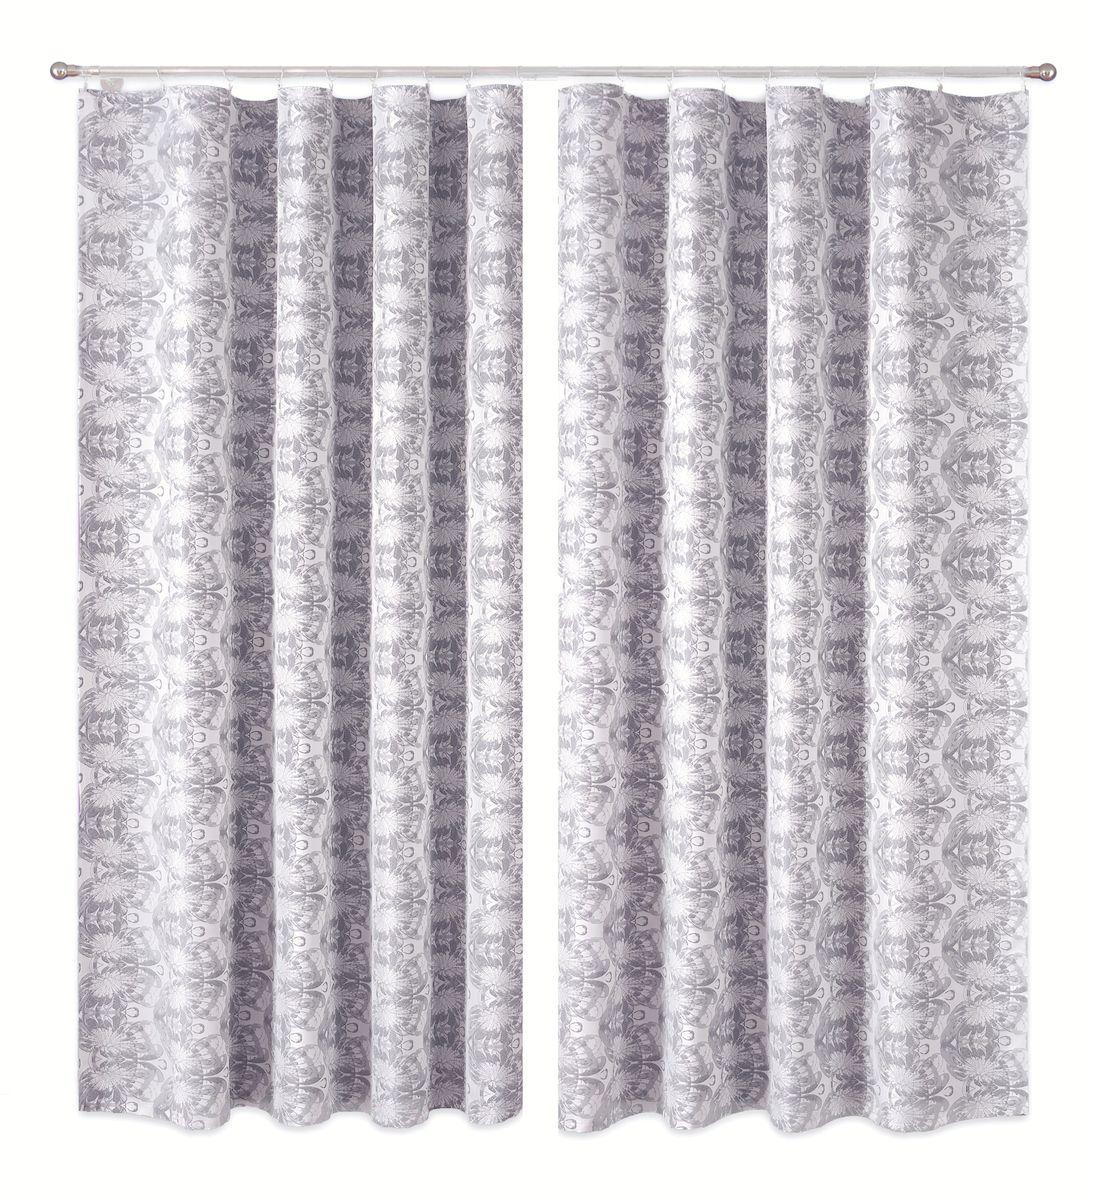 Комплект штор P Primavera Firany, цвет: серый, белый, высота 250 см. 11100131110013Комплект шториз полиэстровой жаккардовой ткани с пришитой шторнойлентой. Размер - ширина 180 см высота 250см. Набор 2 штуки. Цвет серо-белый.Размер: ширина 180 х высота 250